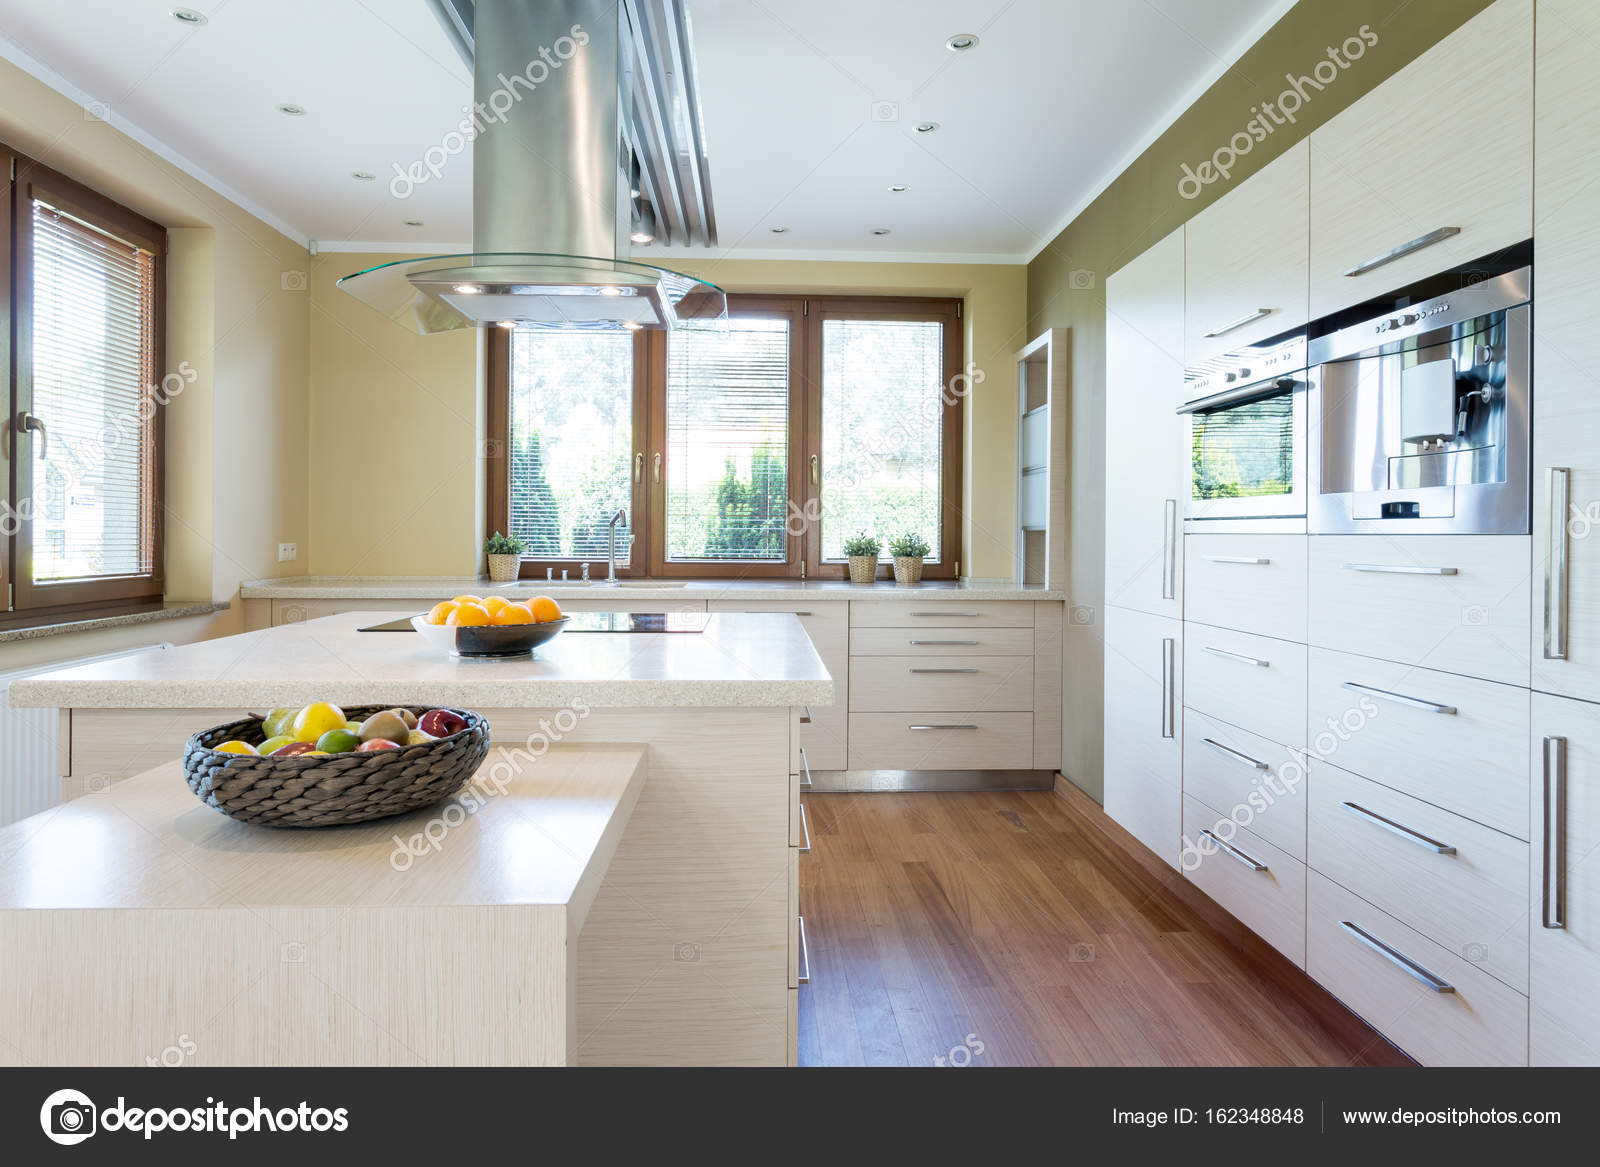 Stilvolle Küche mit Insel — Stockfoto © photographee.eu #162348848